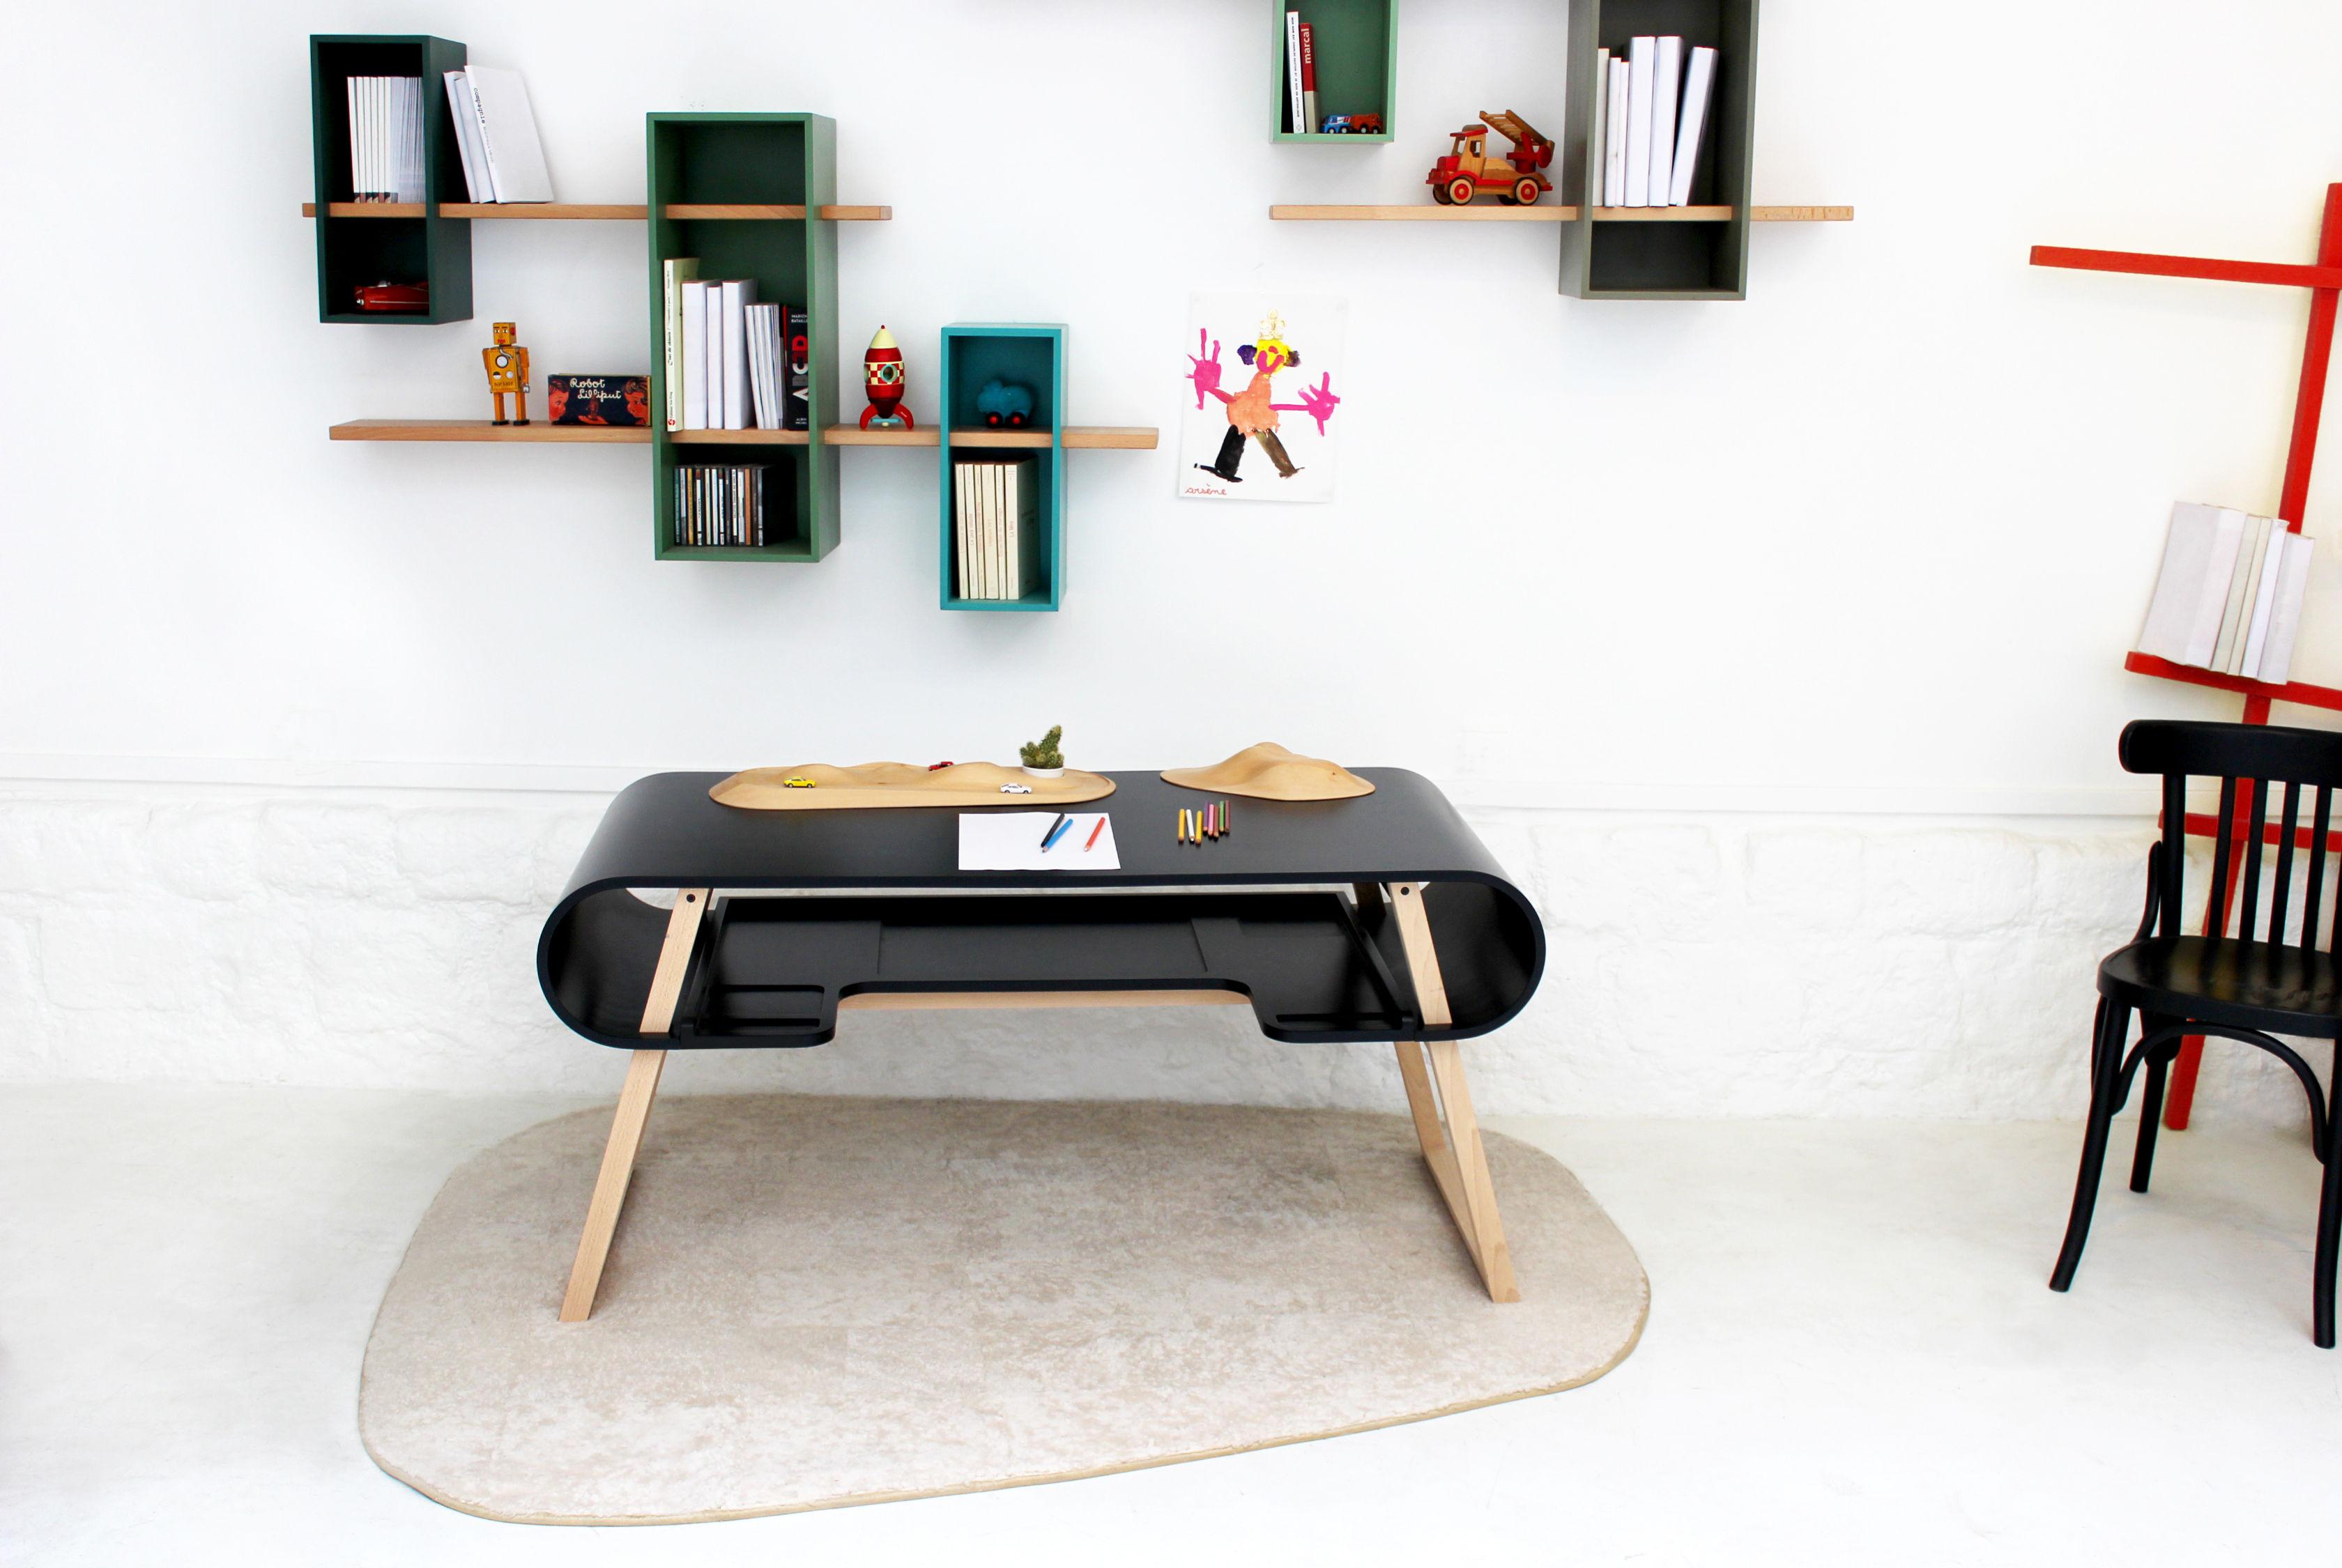 accessoire f r schreibtisch rubens set aus auto rennstrecke berg holz gewachst by. Black Bedroom Furniture Sets. Home Design Ideas